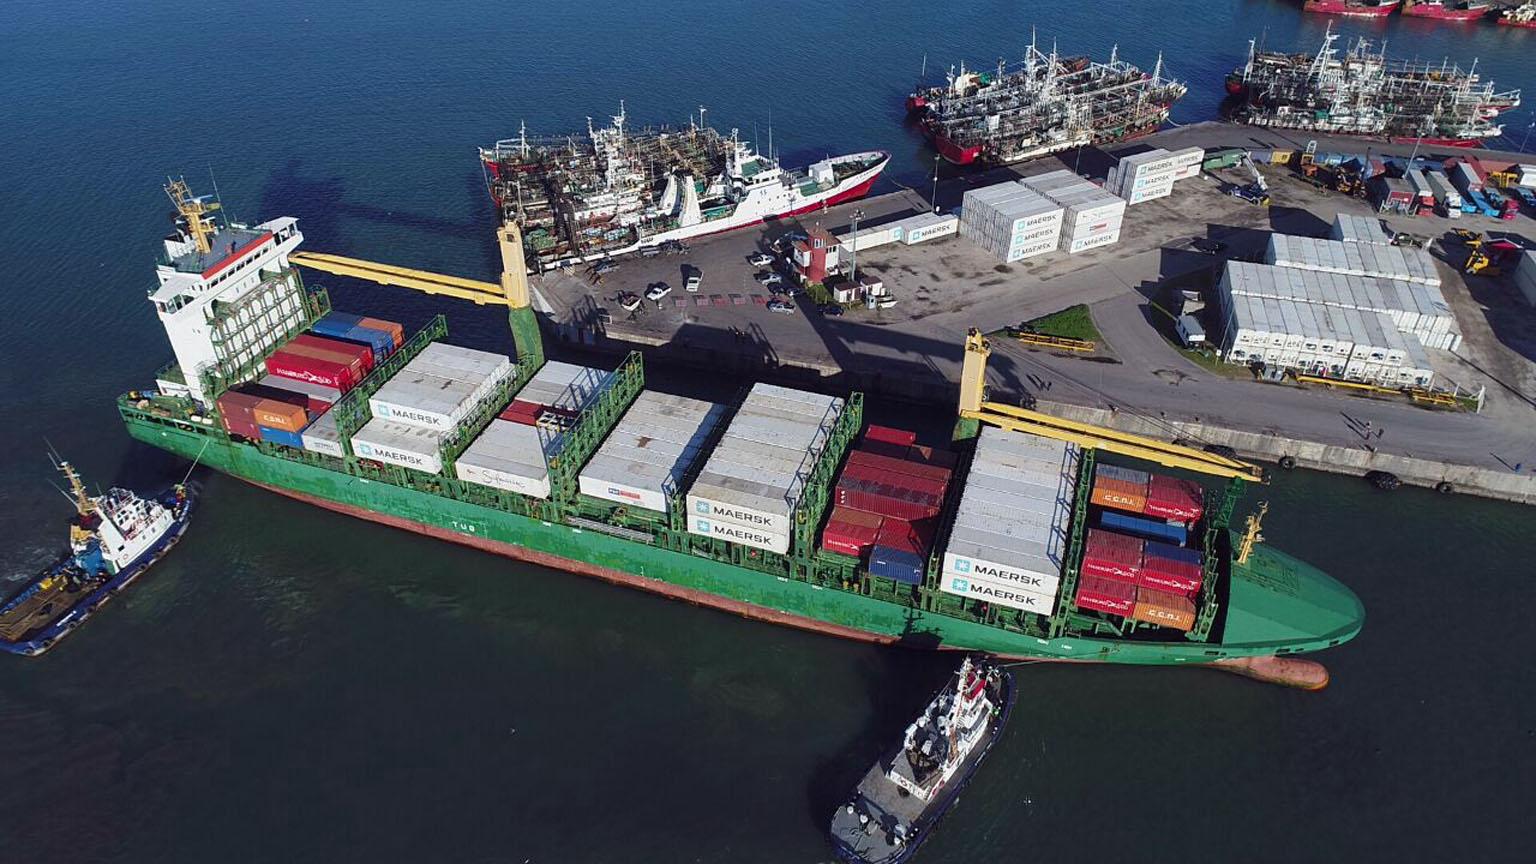 Hacia una agenda sustentable para el sector portuario y logístico de la Argentina (G. Anschutz)